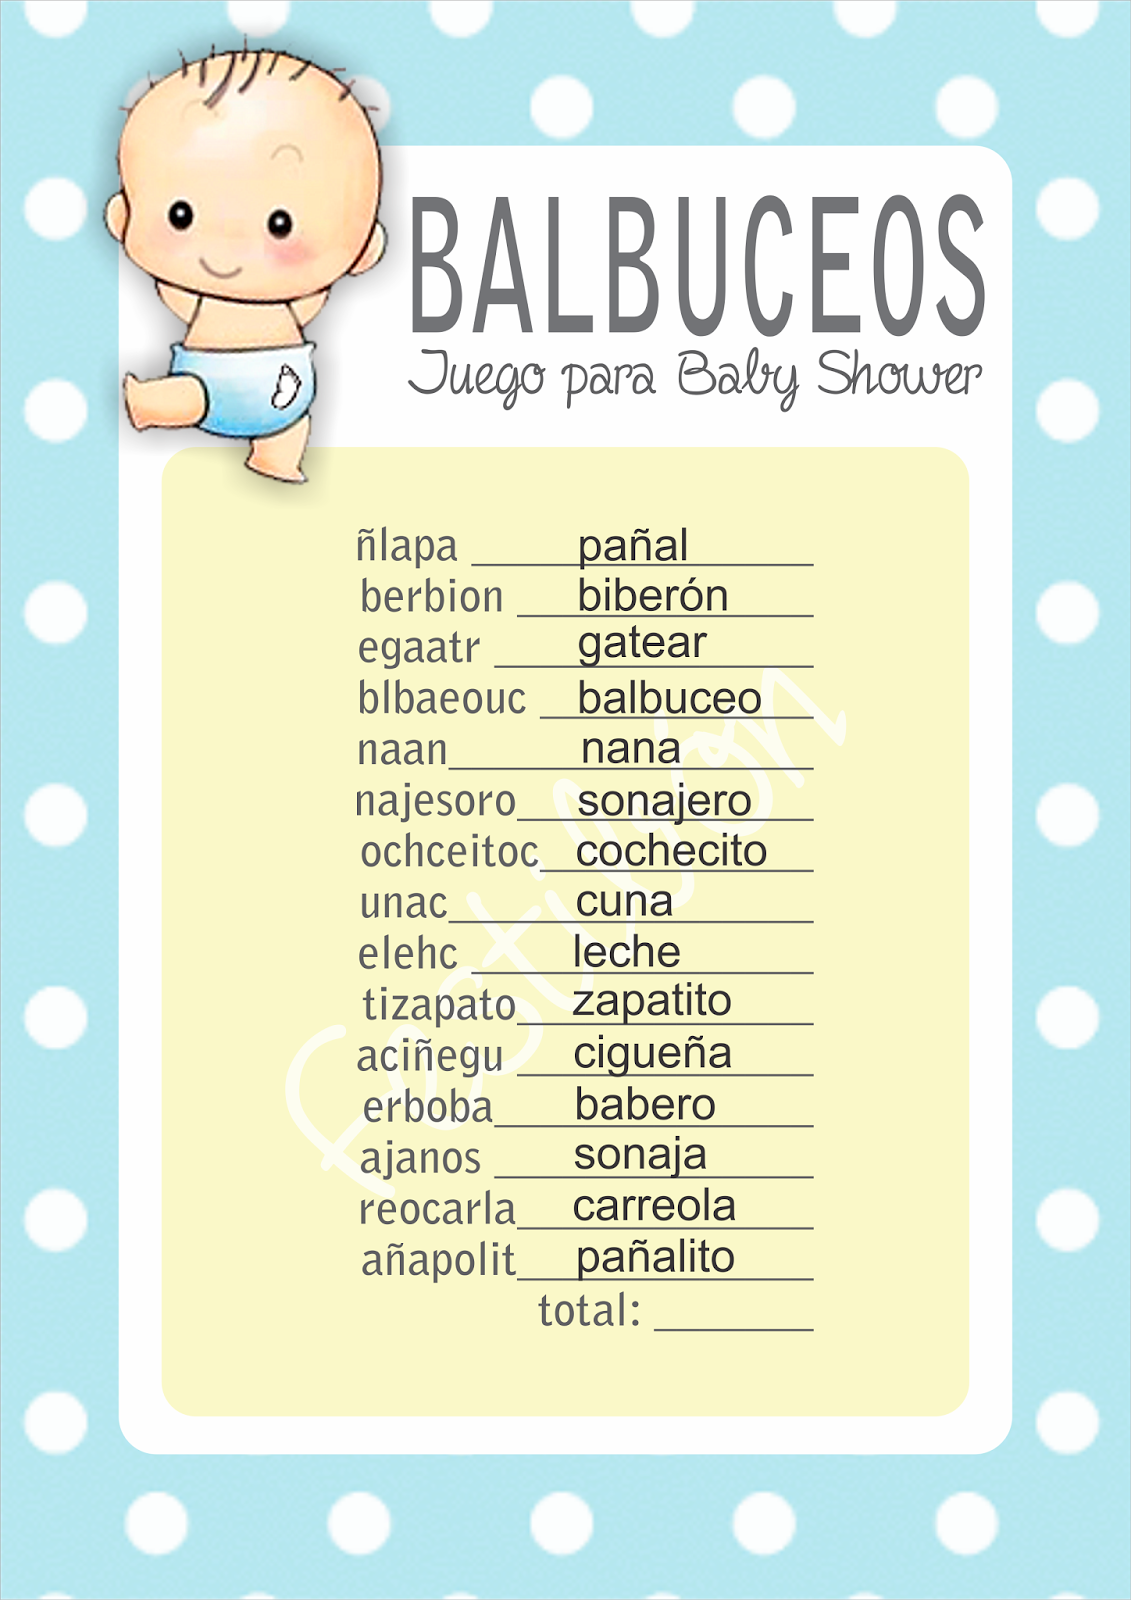 Balbuceos Juegos Para Baby Shower Para Imprimir